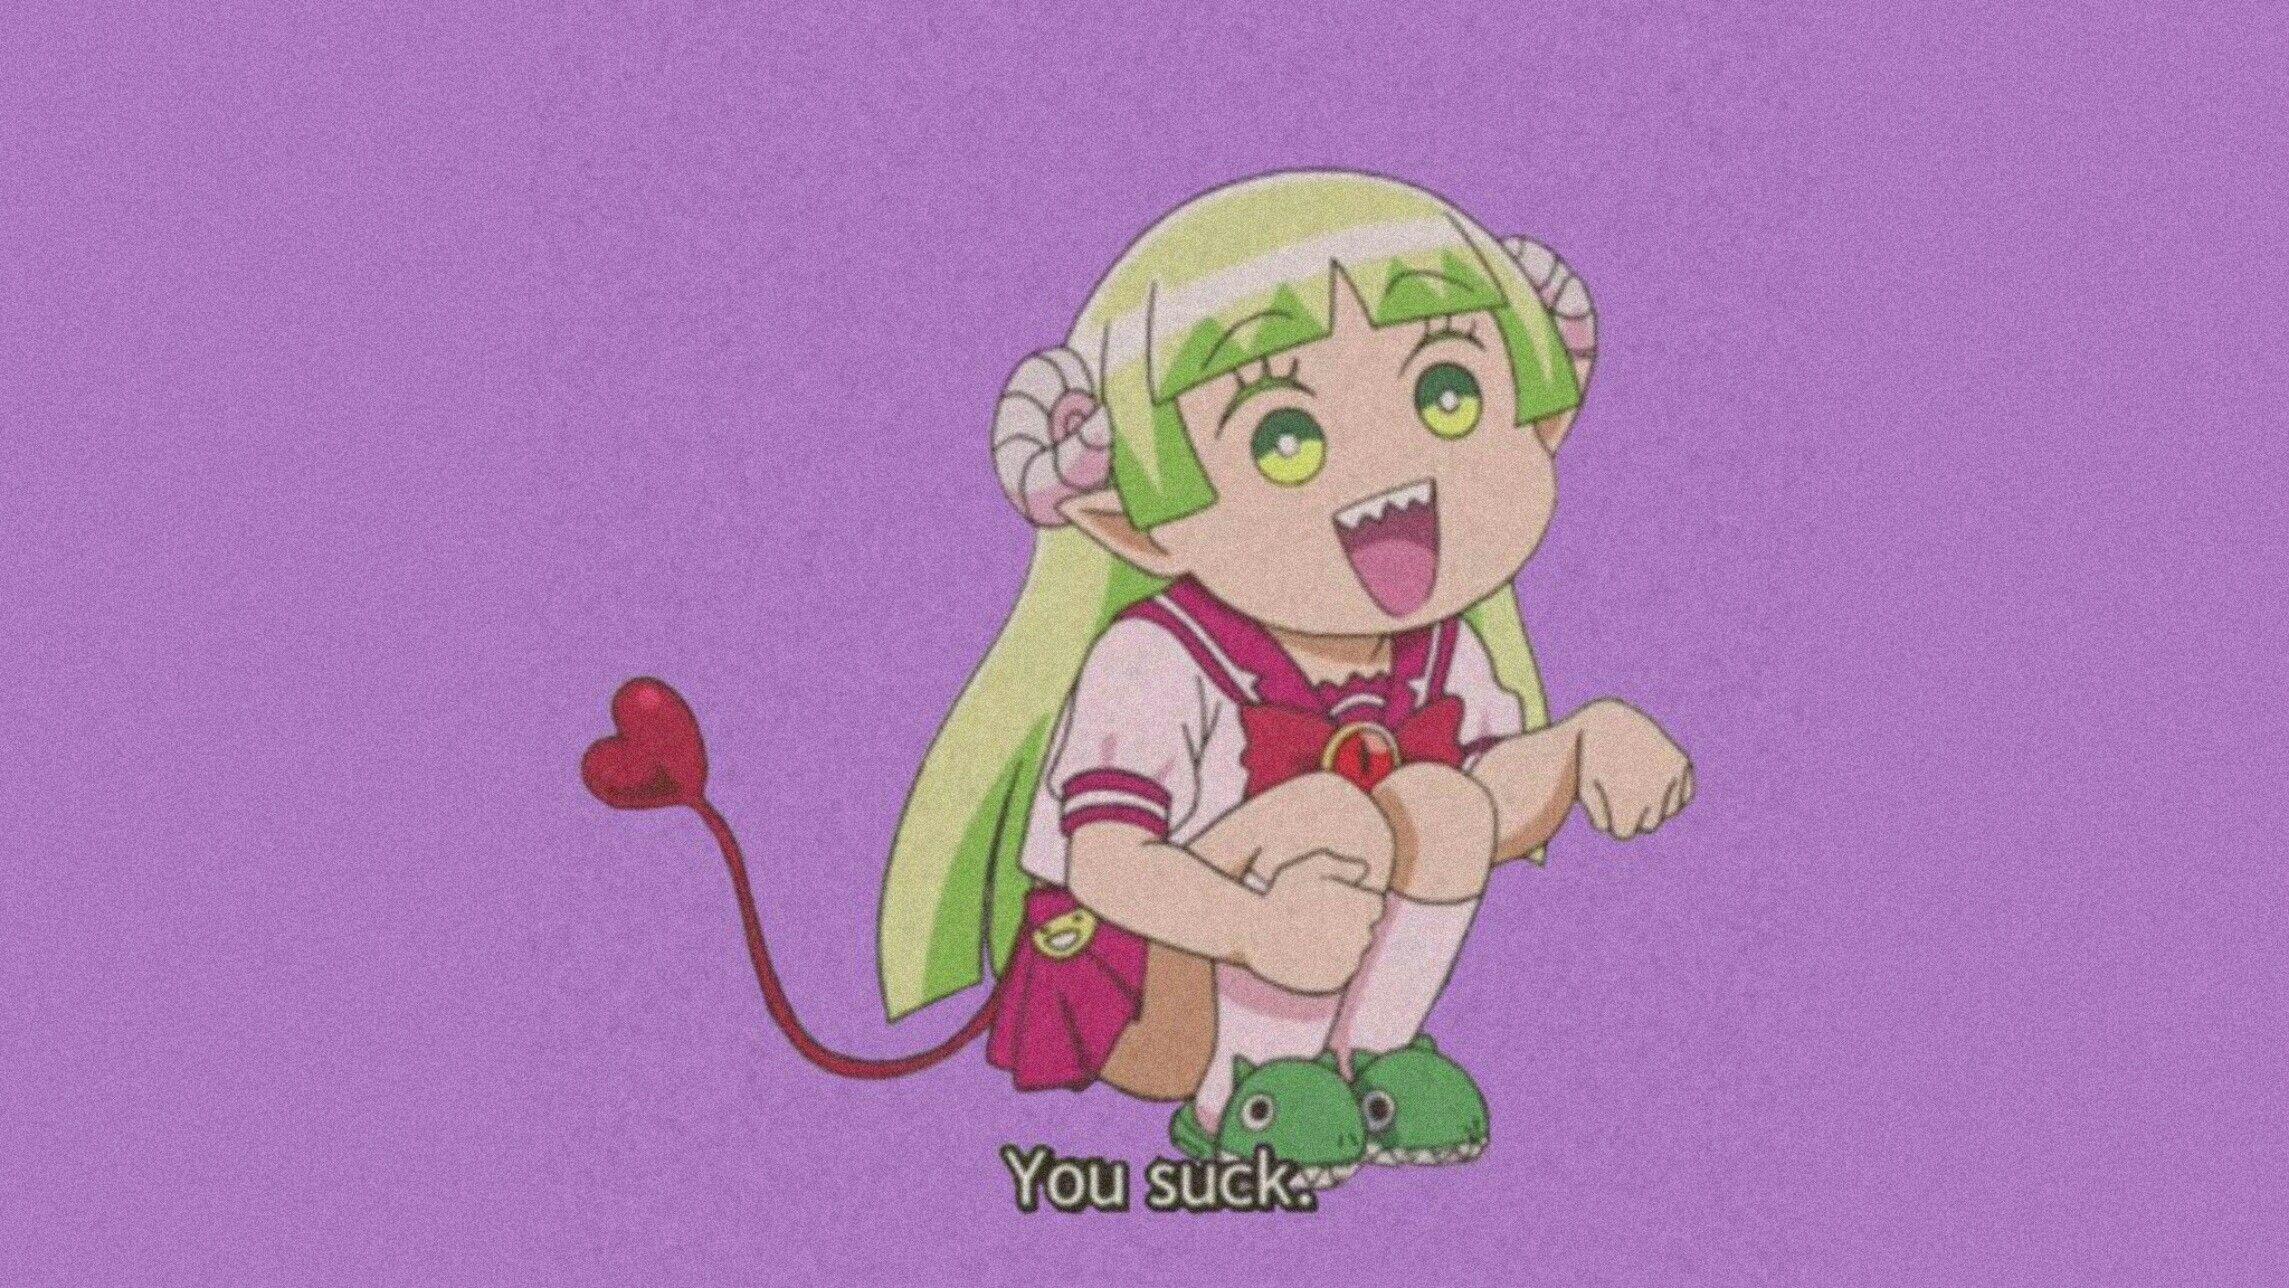 Wallpaper Pc Clara Valac Mairimashita Iruma Kun In 2020 Iruma Anime Funny Anime